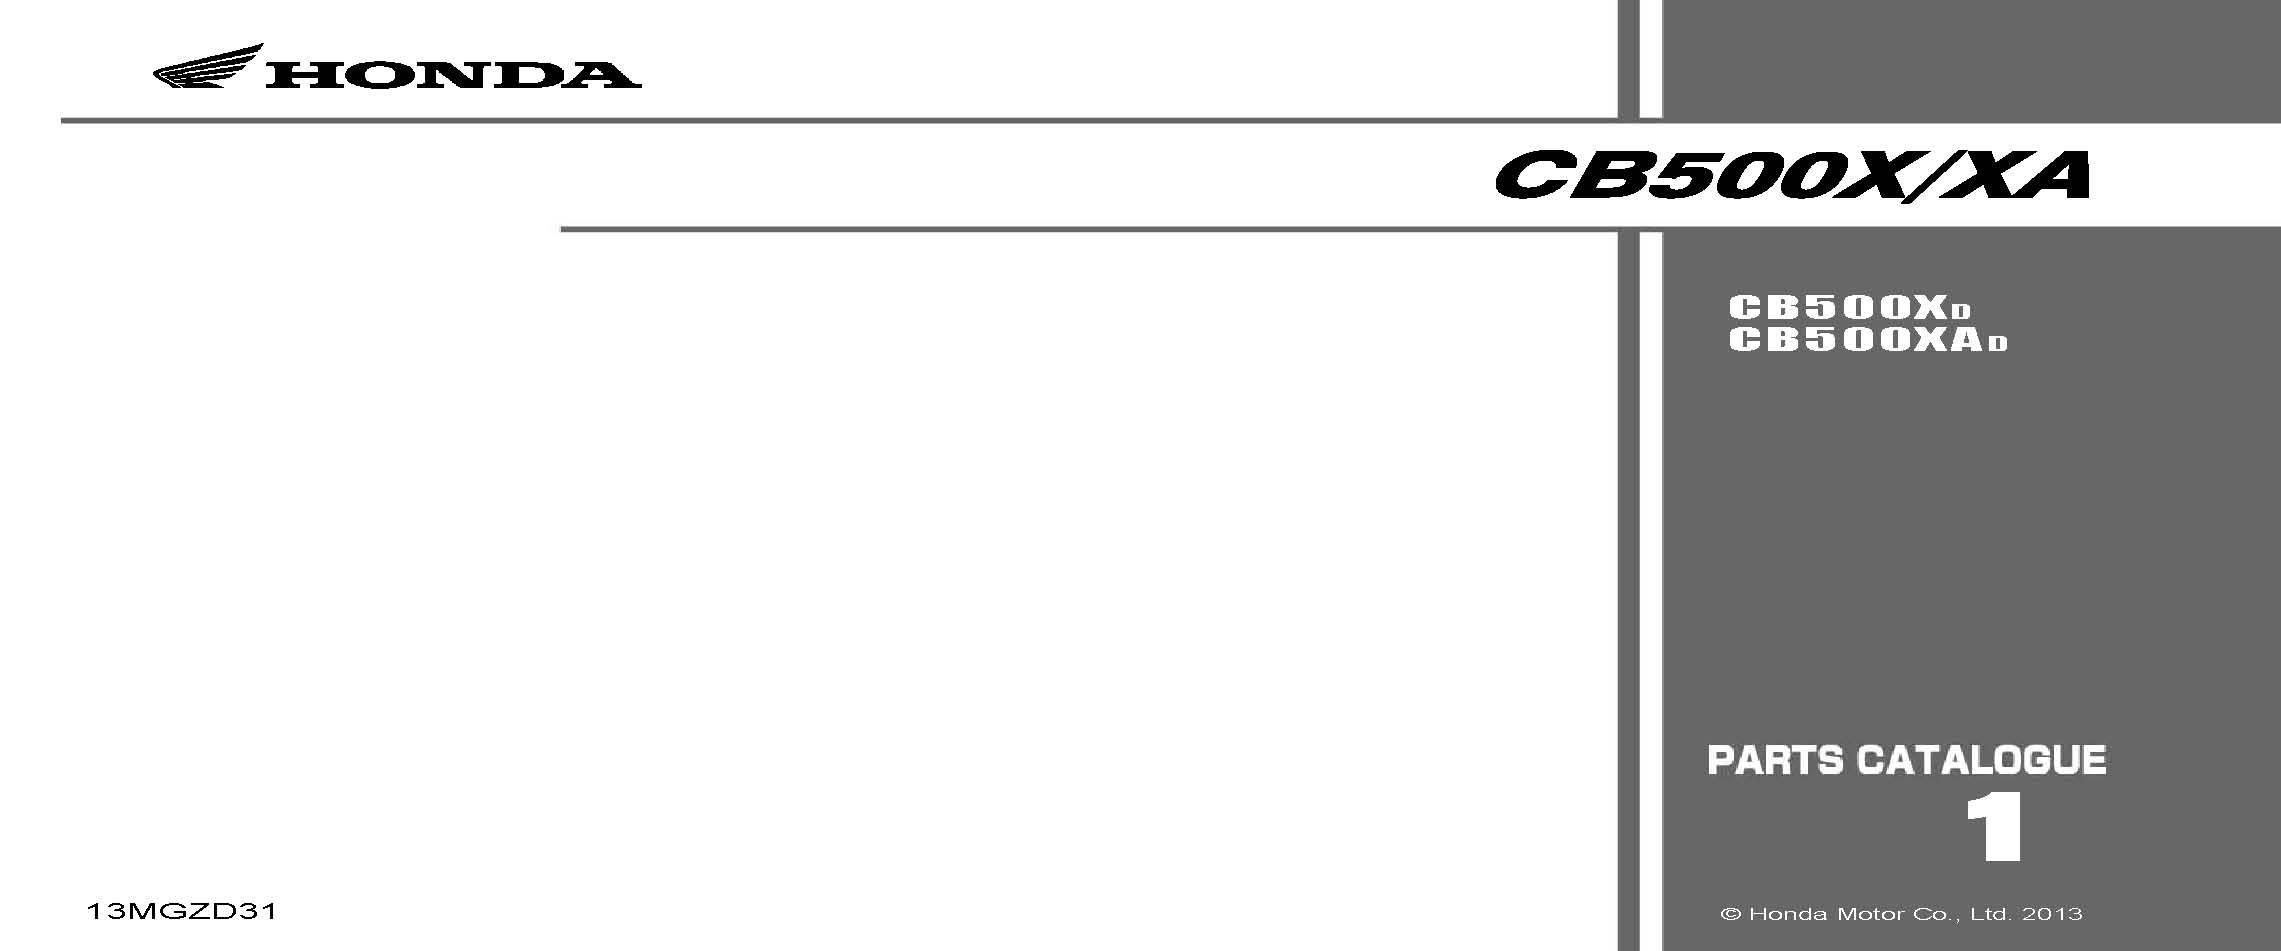 Parts List for Honda CB500XA (2013)